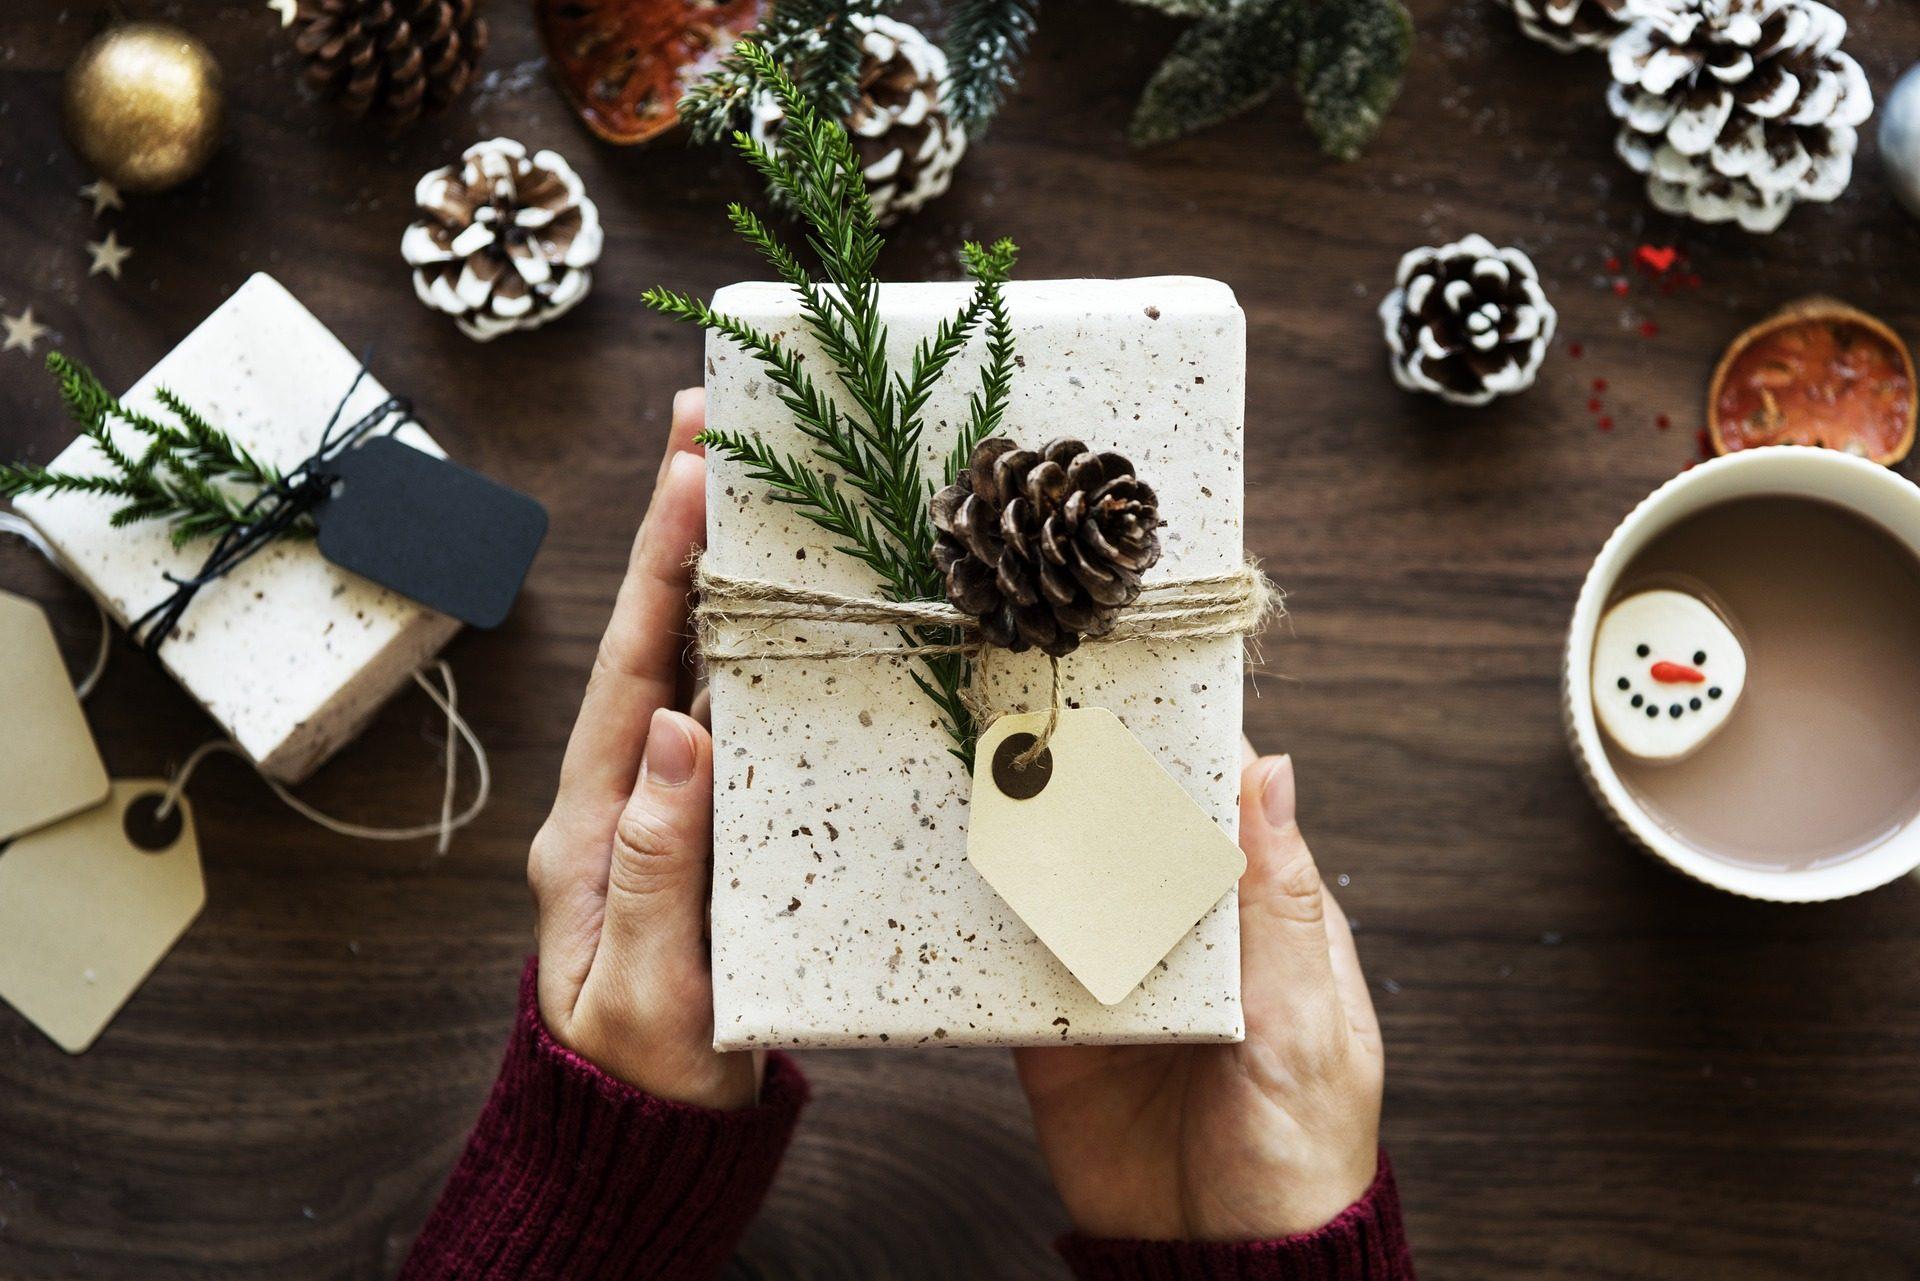 Da sfogliare o di una bacheca con appesi i ricordi dei vostri momenti più belli. Regali Di Natale 2020 La Lista Completa Delle Idee Regalo Per Natale